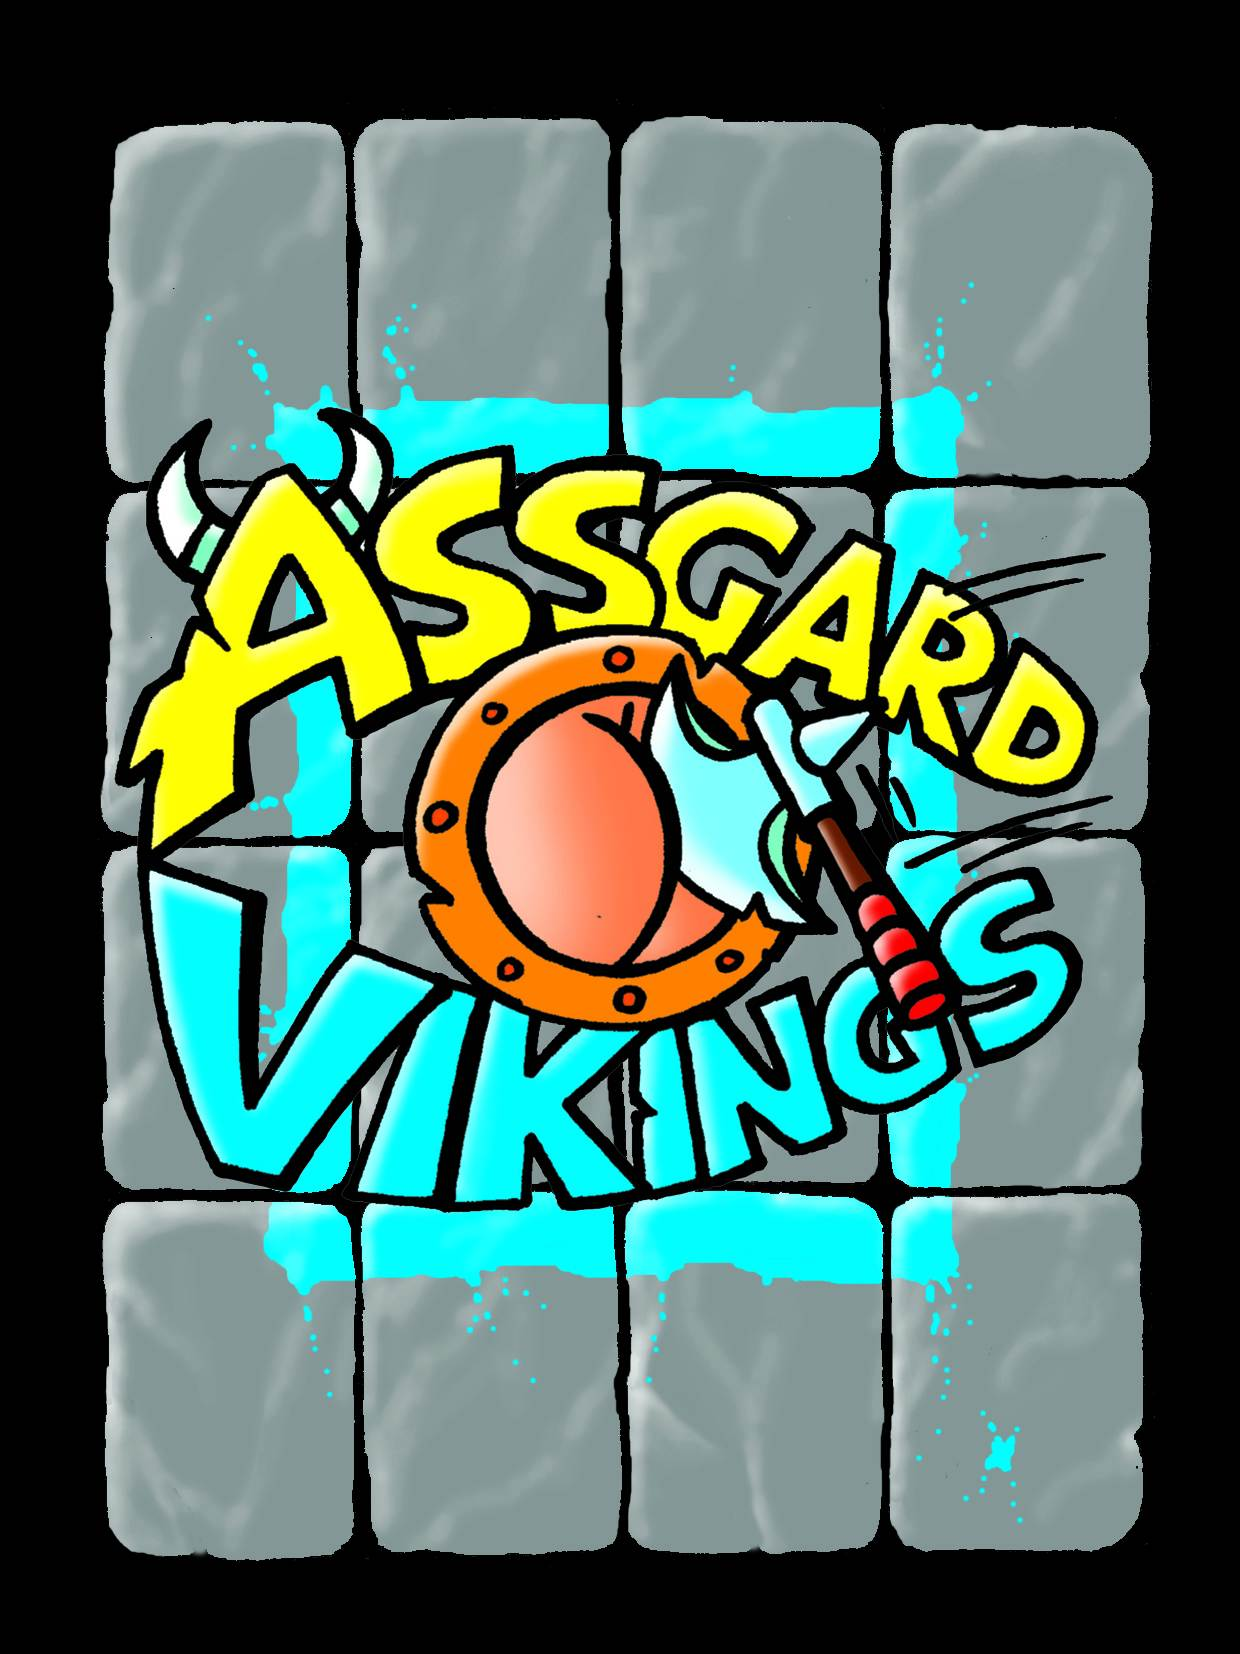 Assgard Vikings